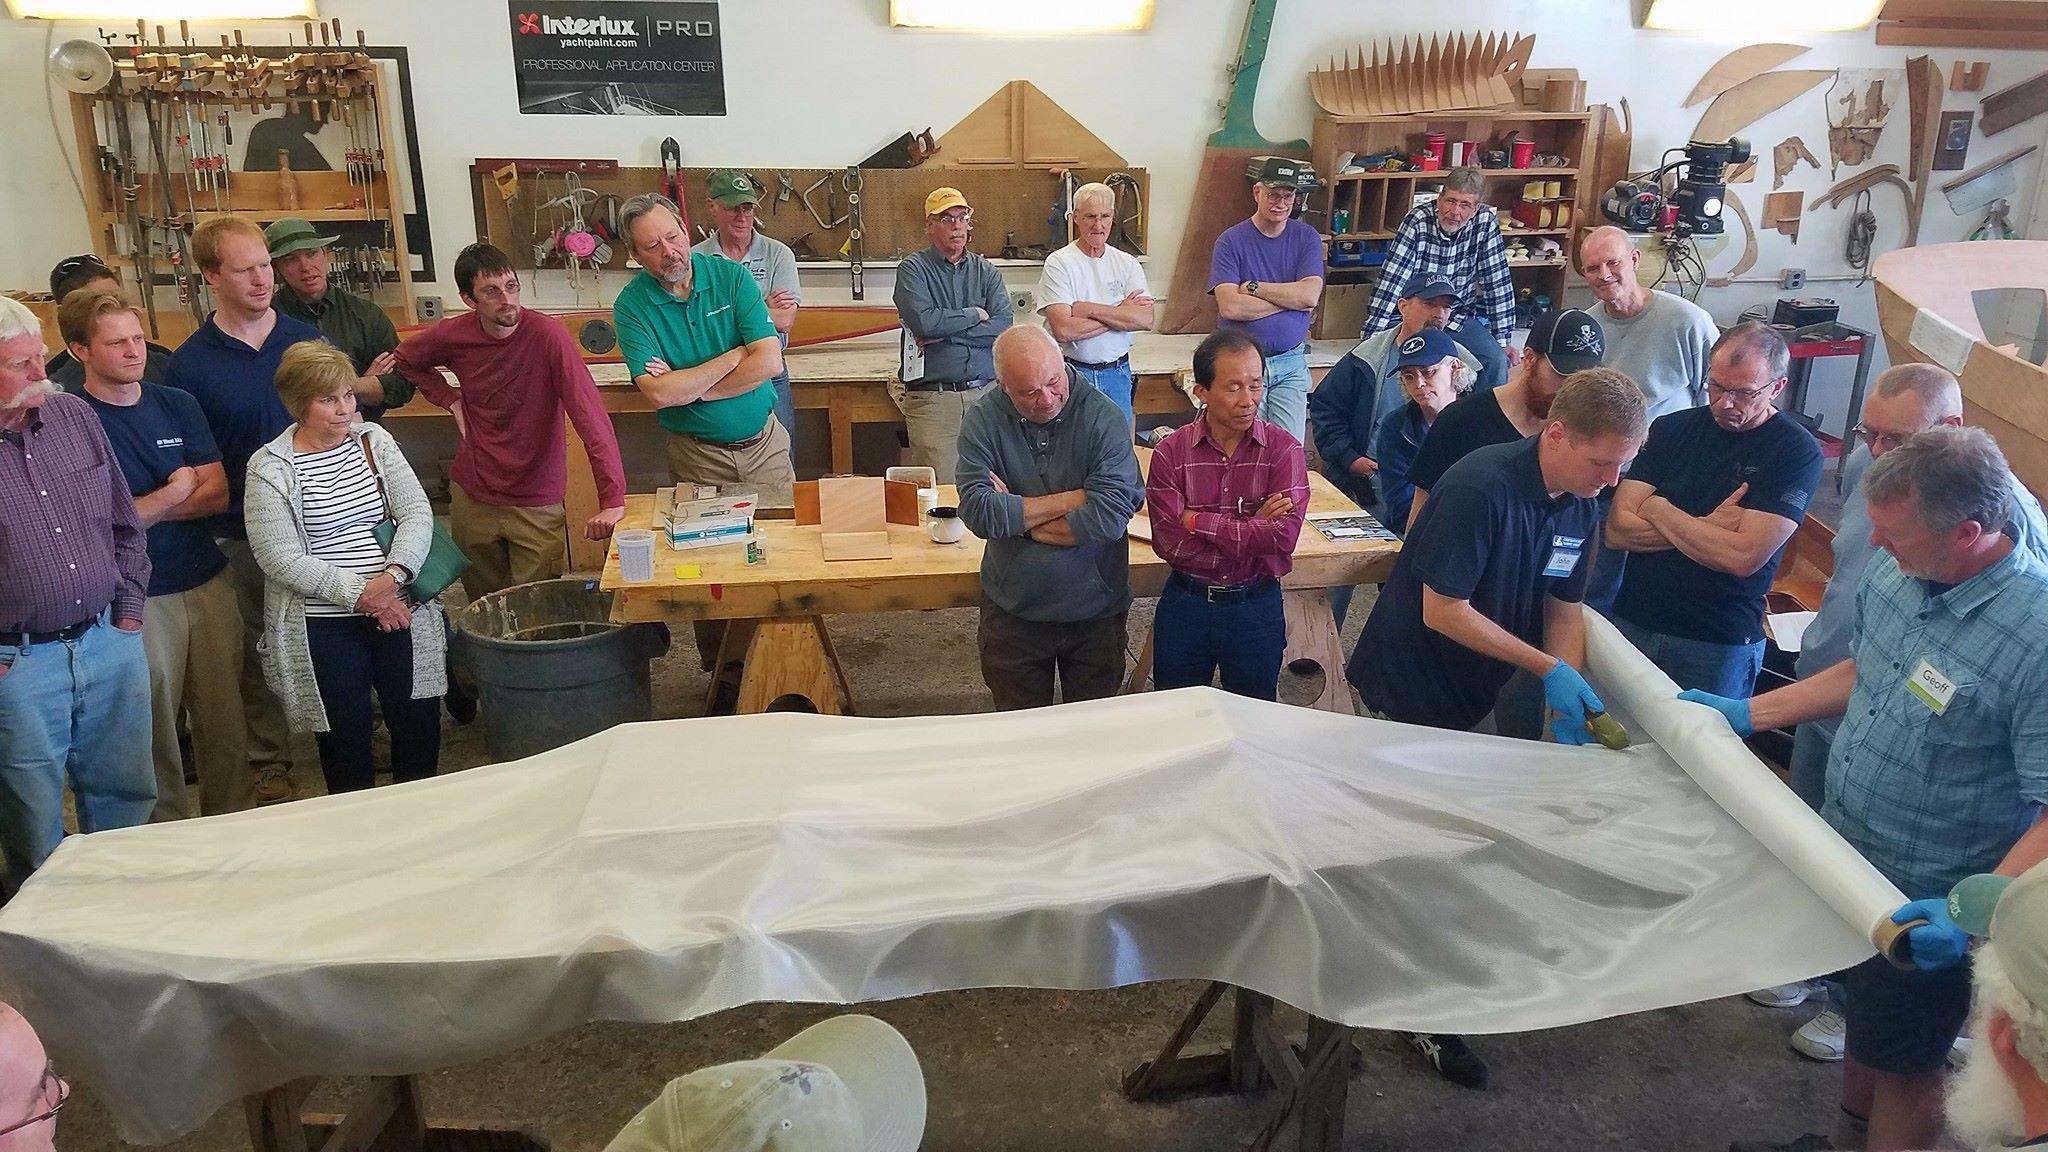 John and Geoff demonstrate fiberglassing